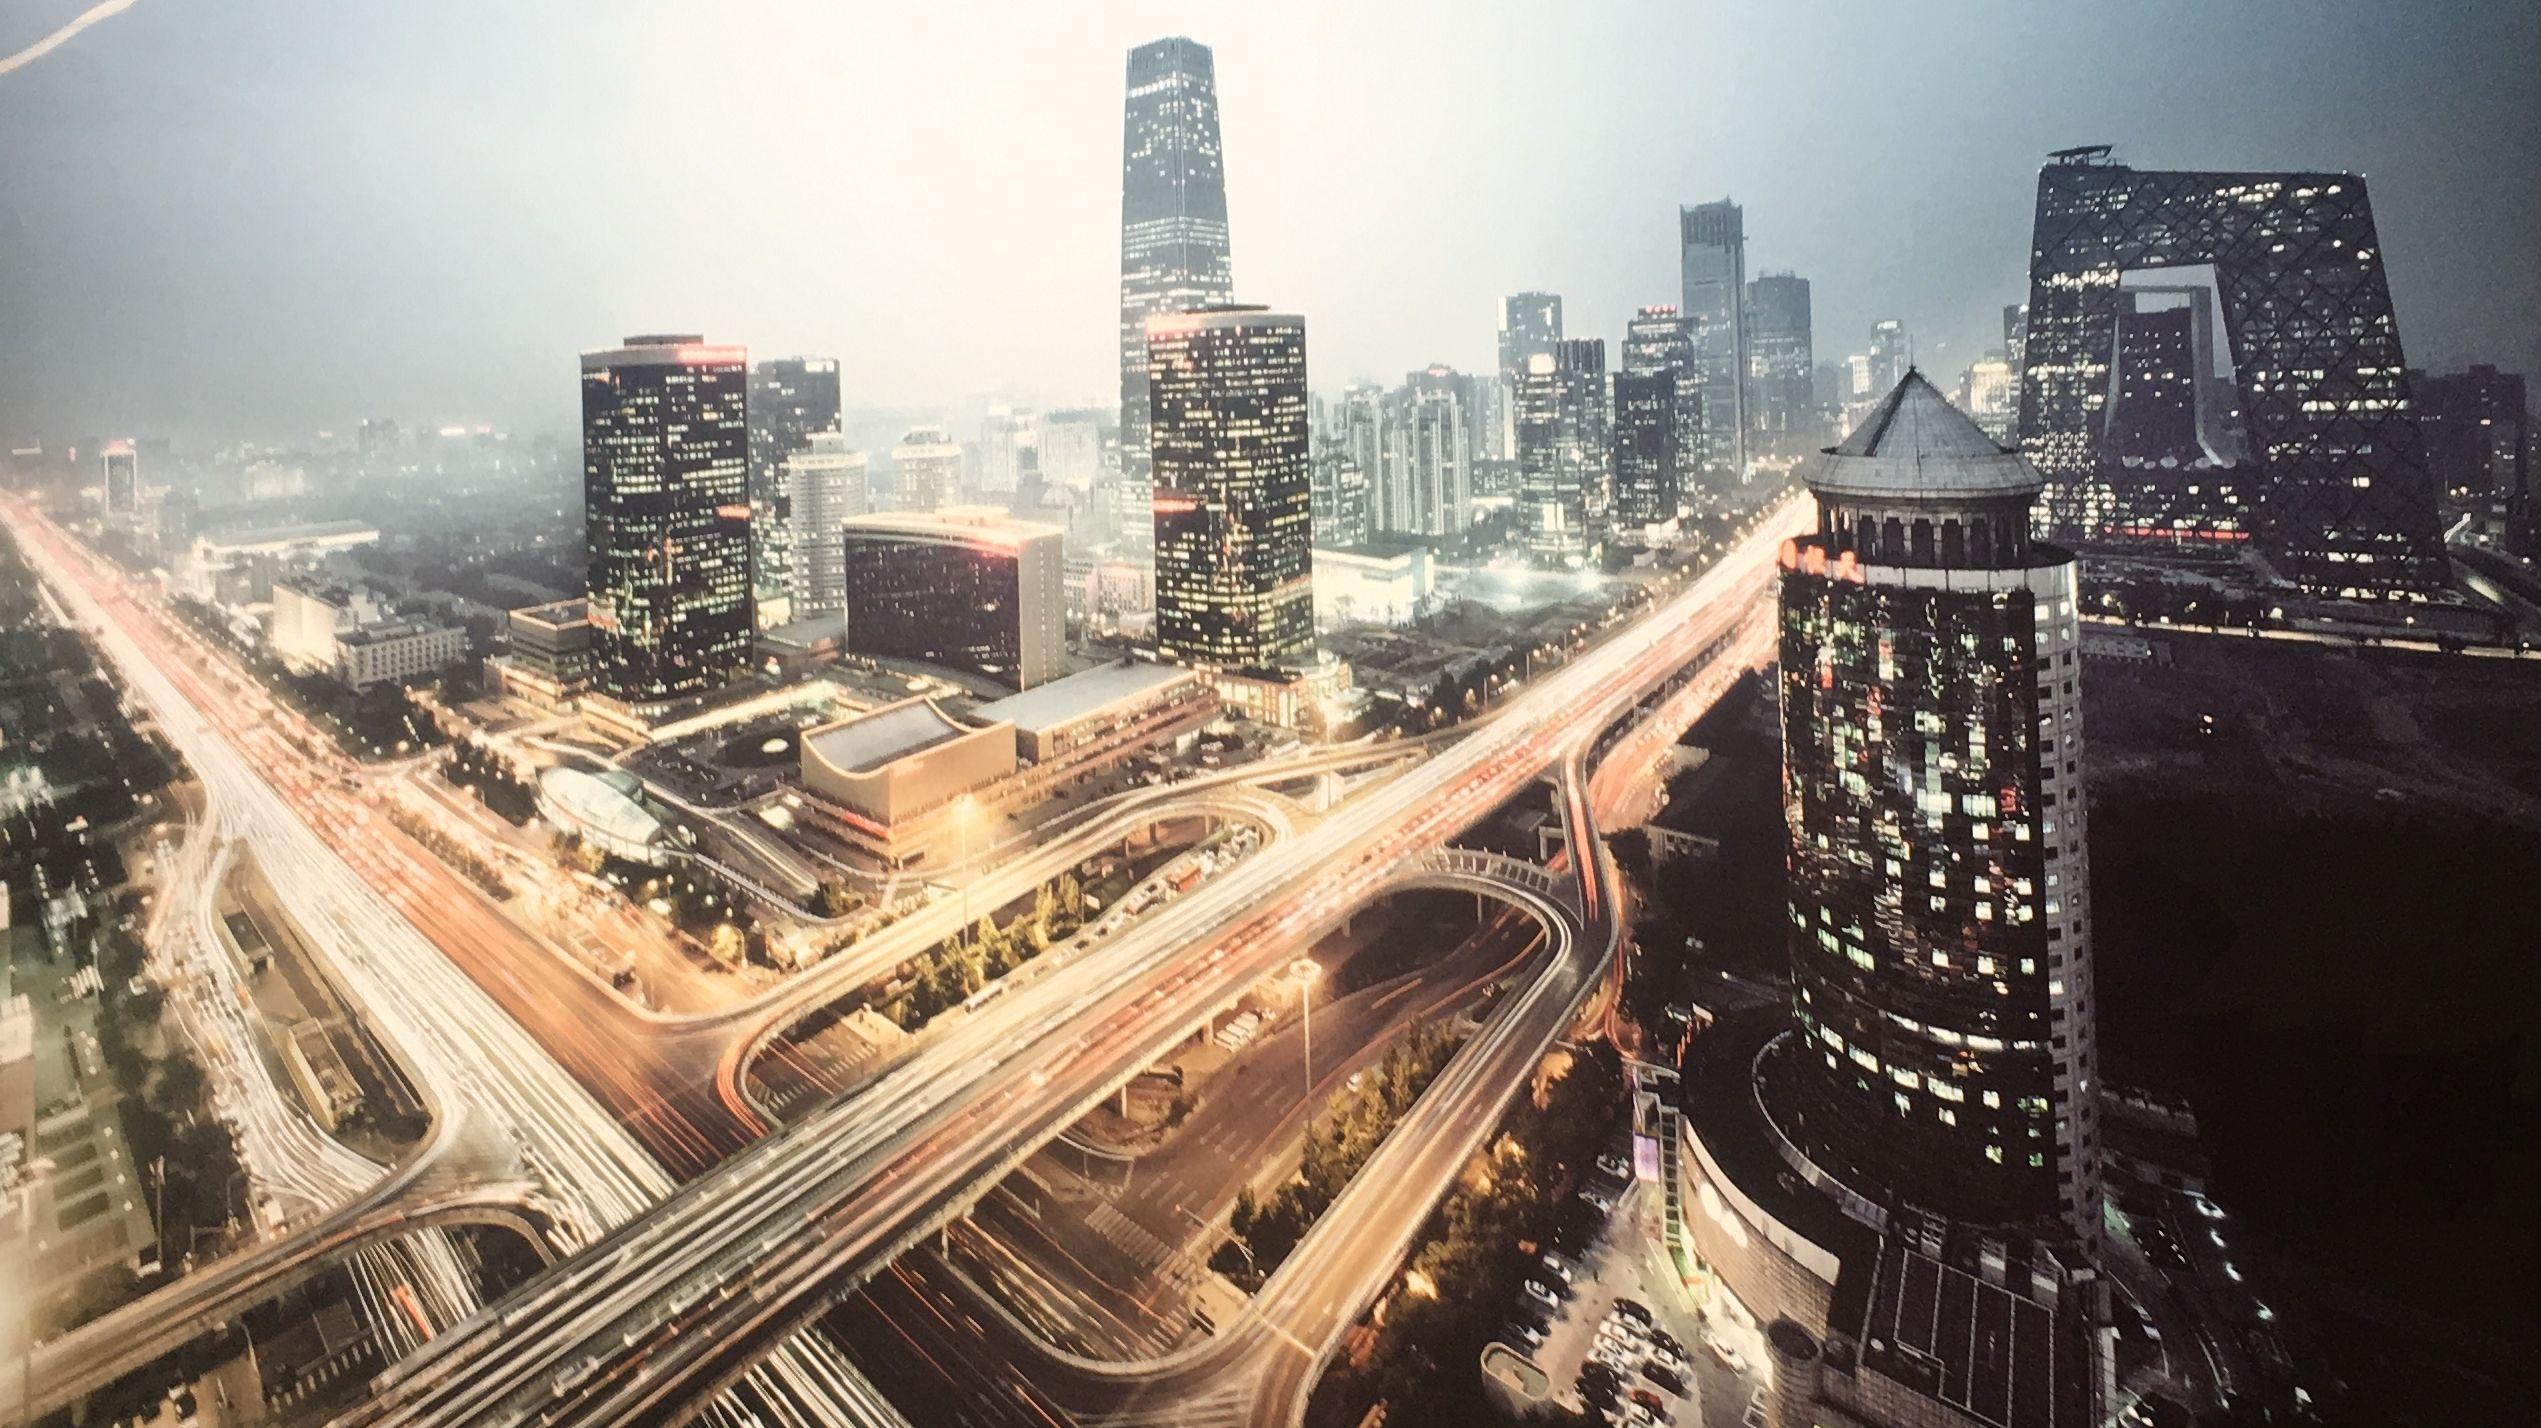 Eine Großstadt mit Wolkenkratzern bei Nacht, zwischen denen sich Stadtautobahnen vorbeiziehen.